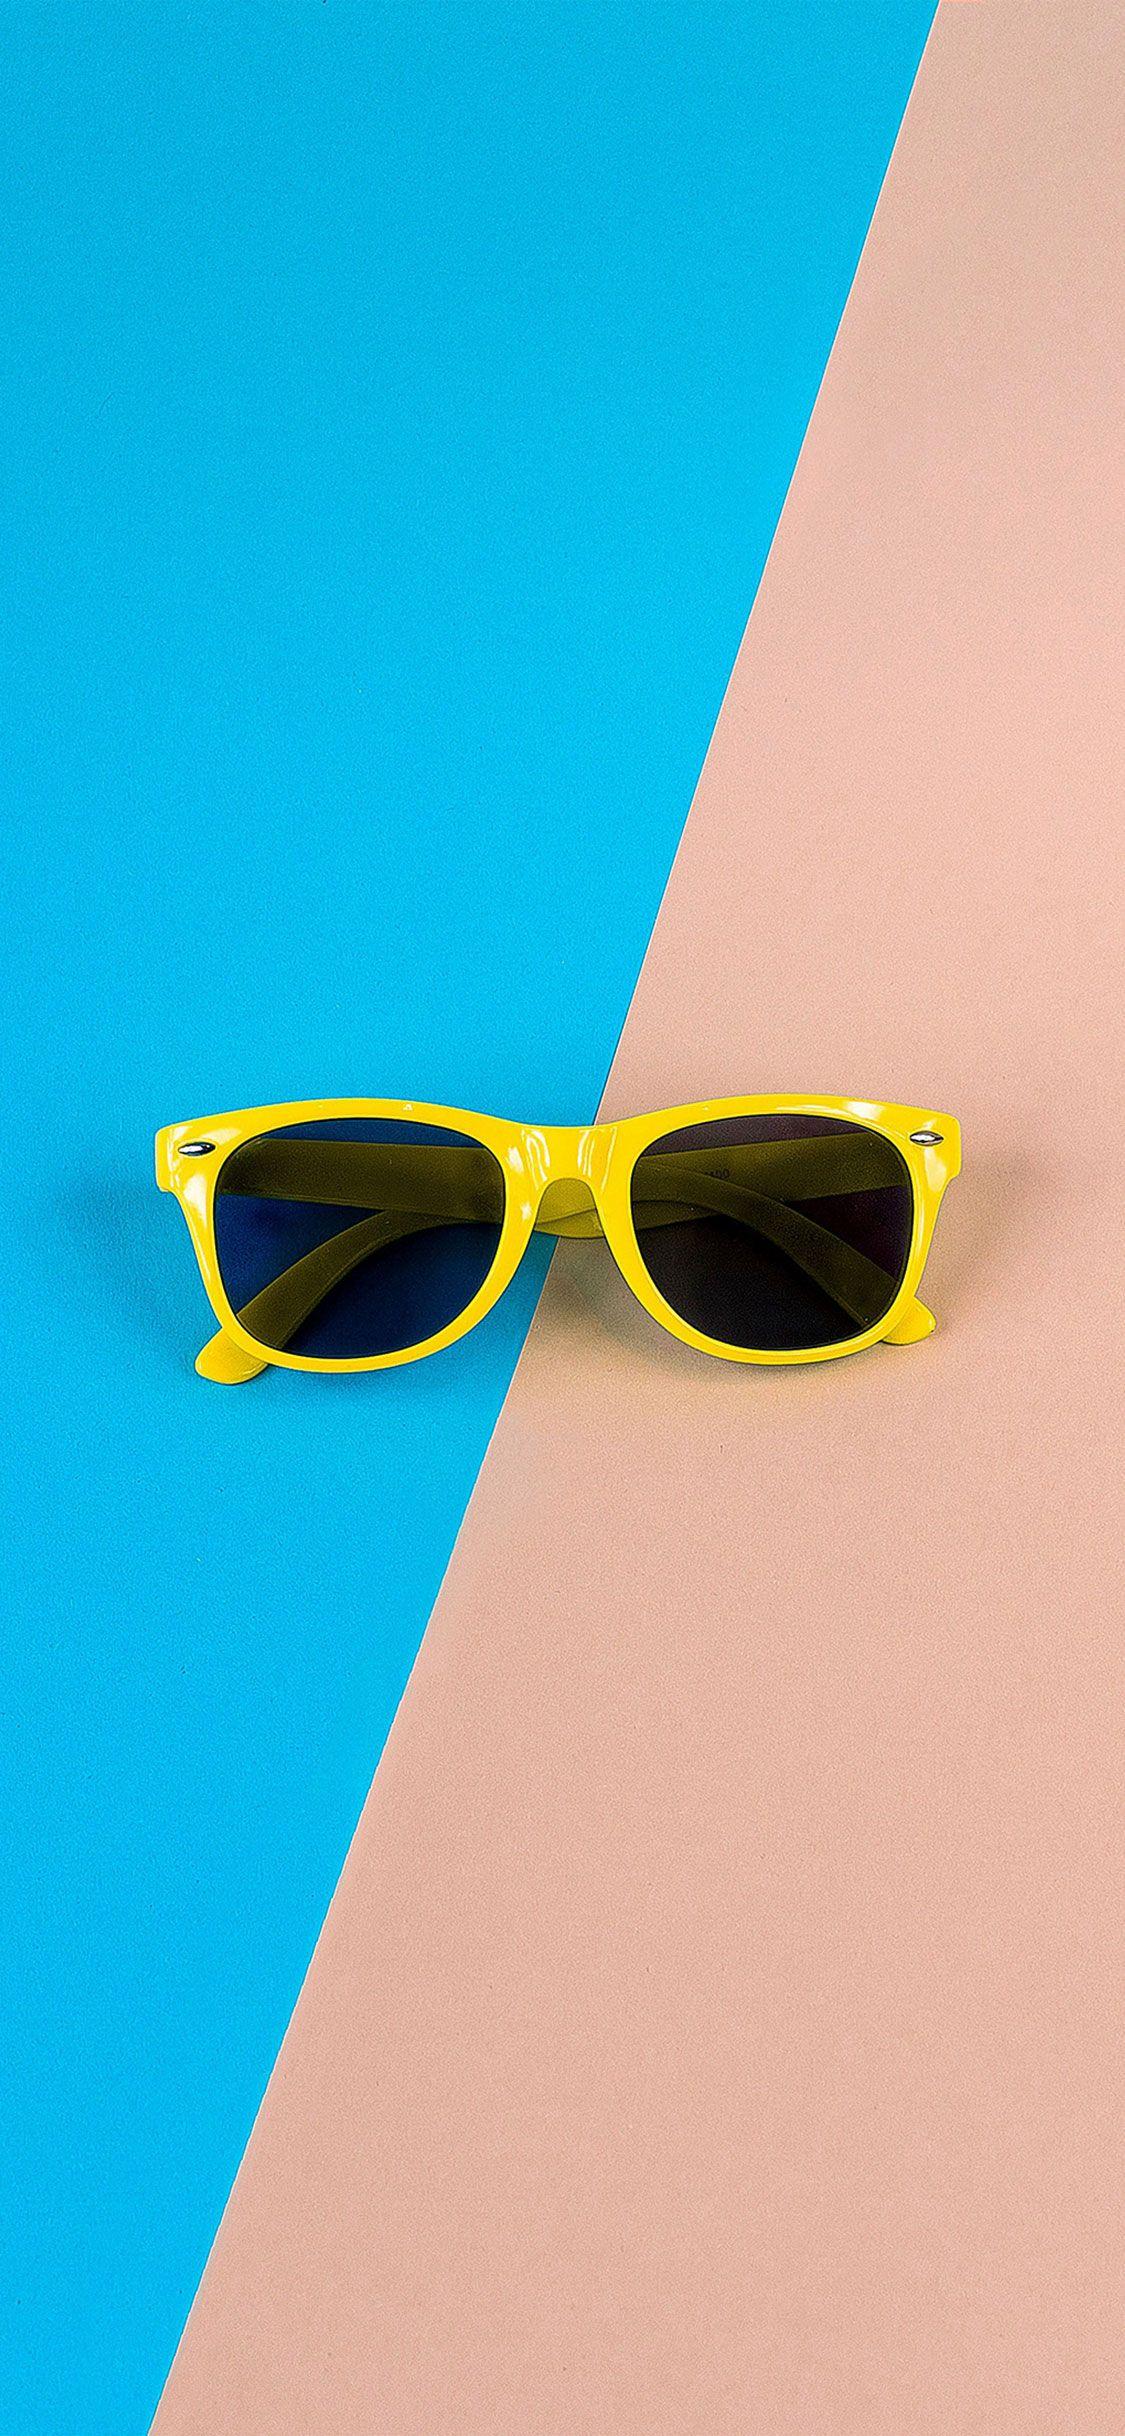 صور خلفيات ايفون X الجديد 2018 خلفيات Iphone X روعة بجودة عالية 4k عالم الصور Glasses Wallpaper Glasses Pink Yellow Iphone